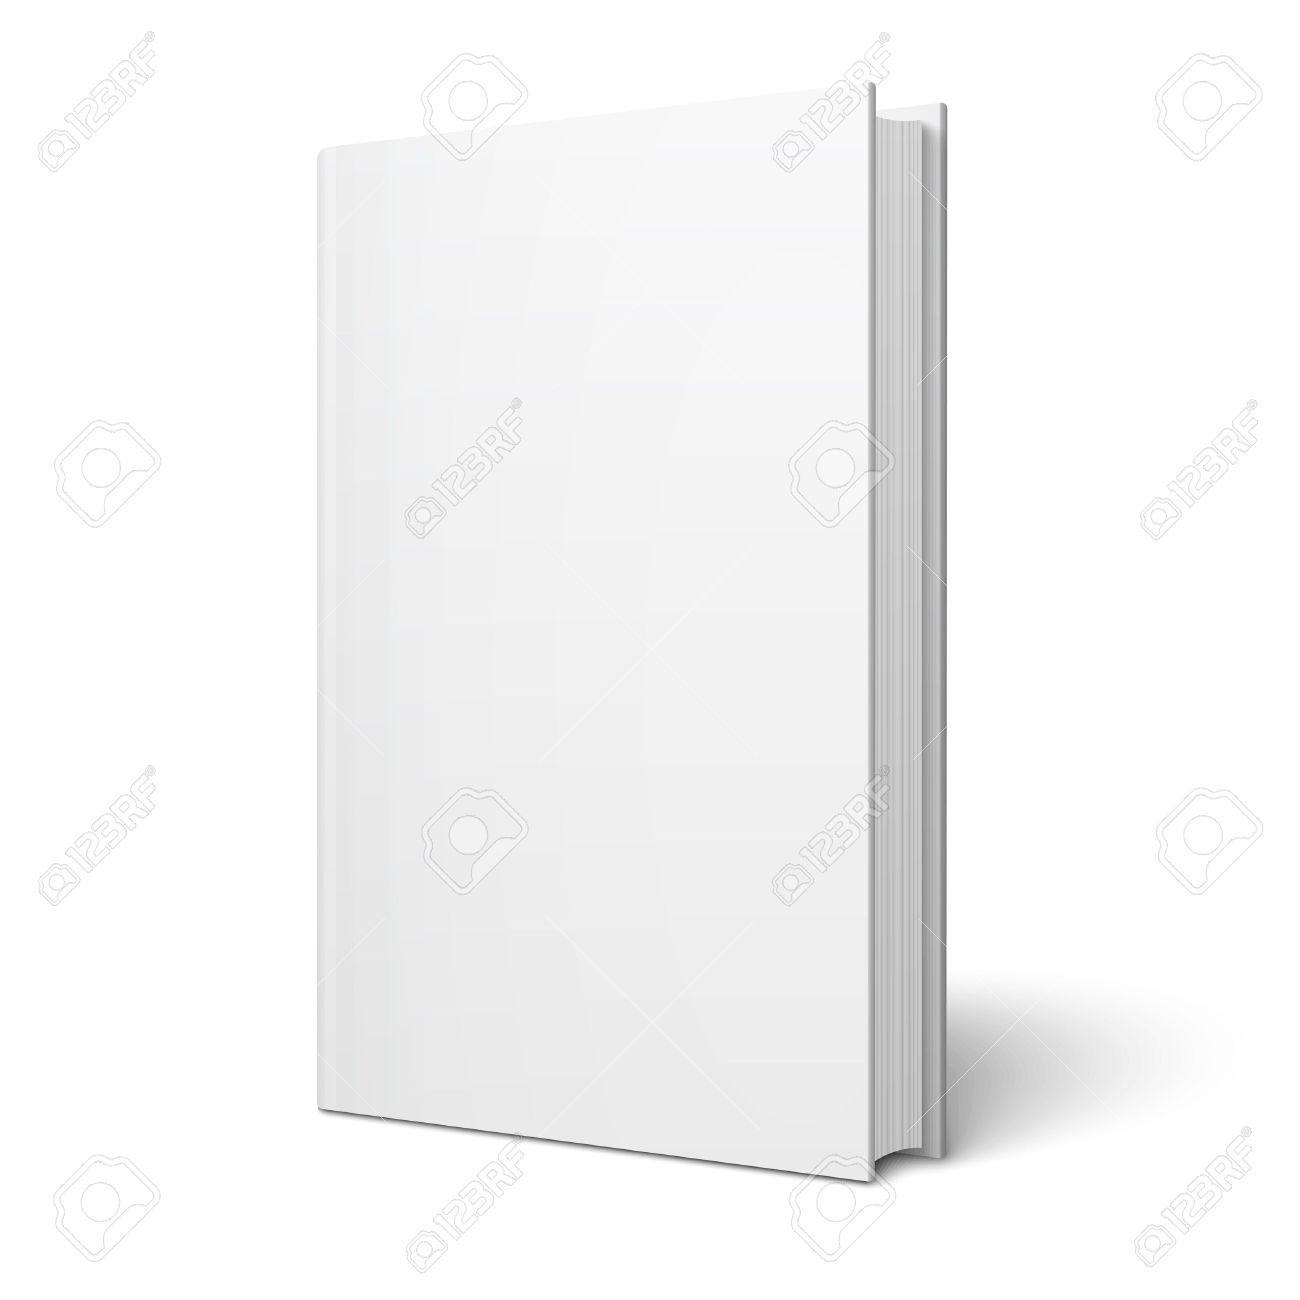 Leere Buch Vorlage Bucher Heft Leere Png 0